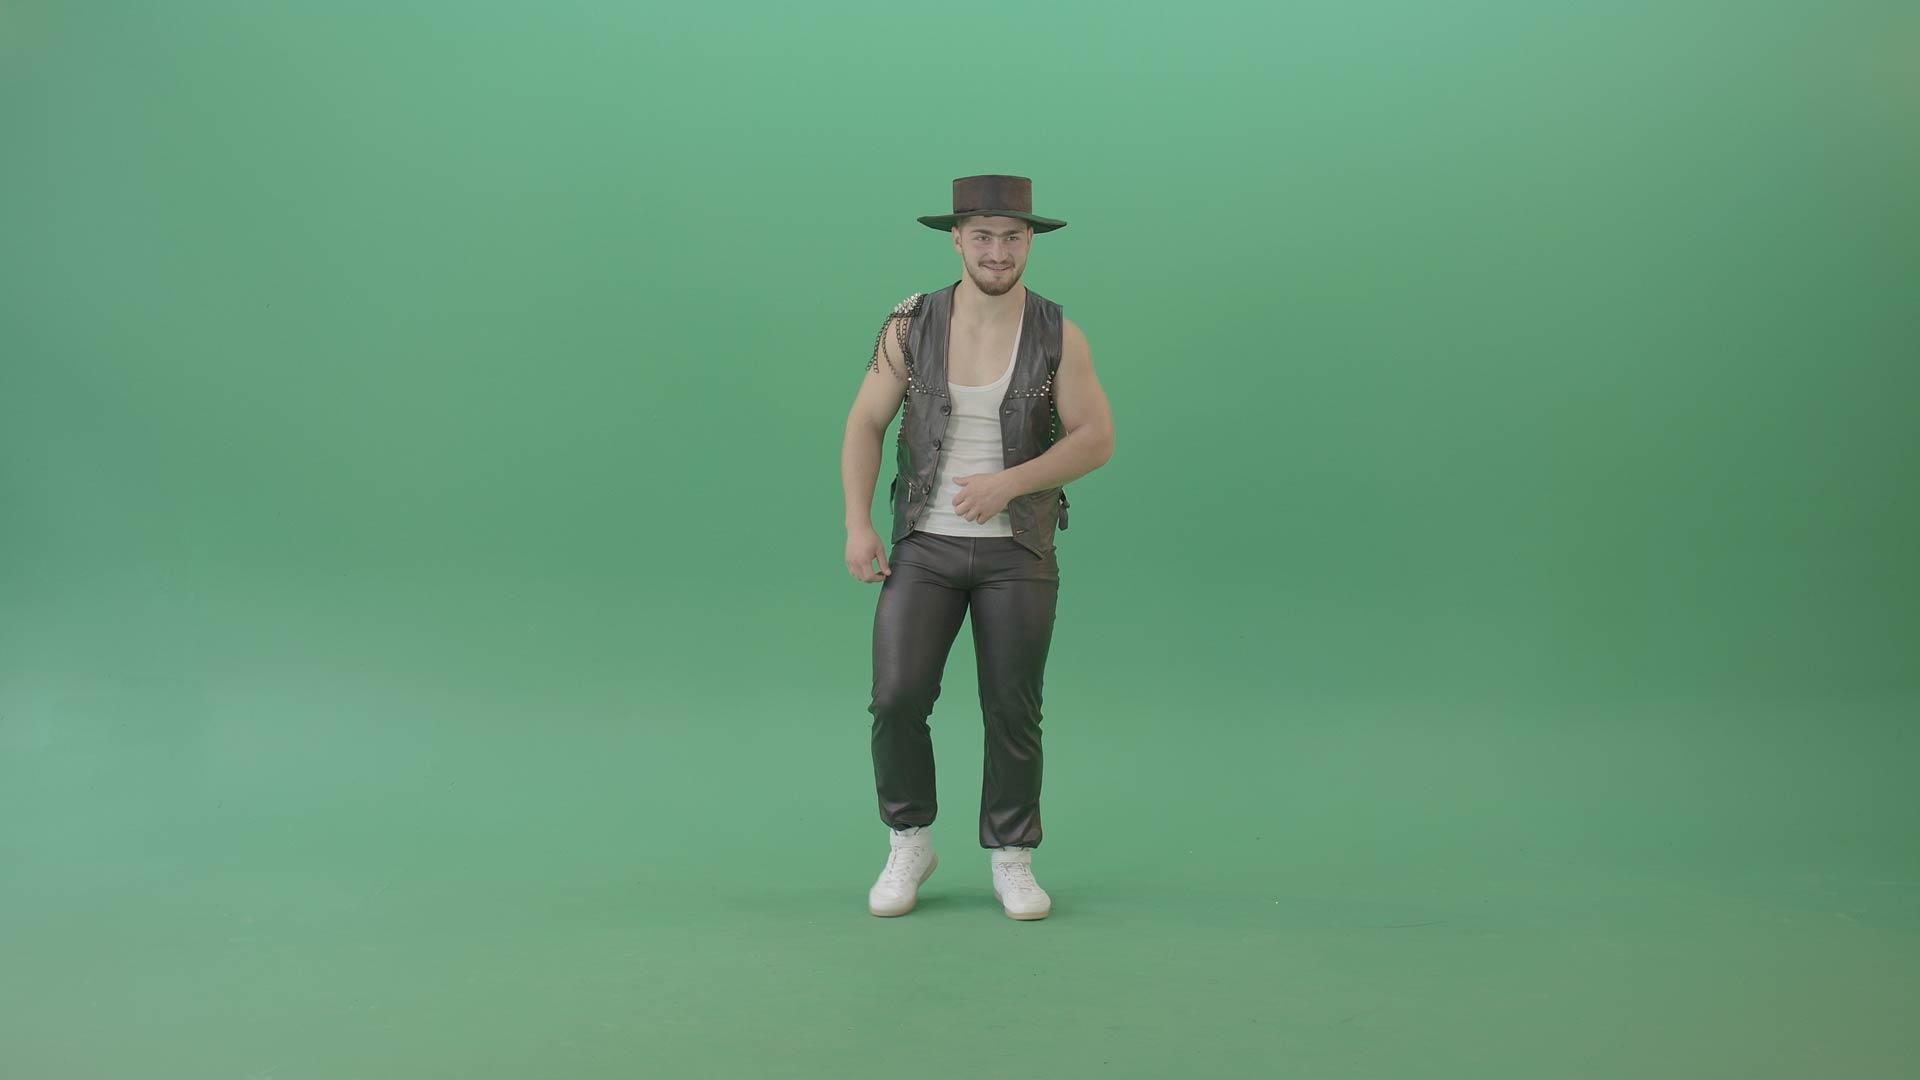 Modern-dance-green-screen-video-footage